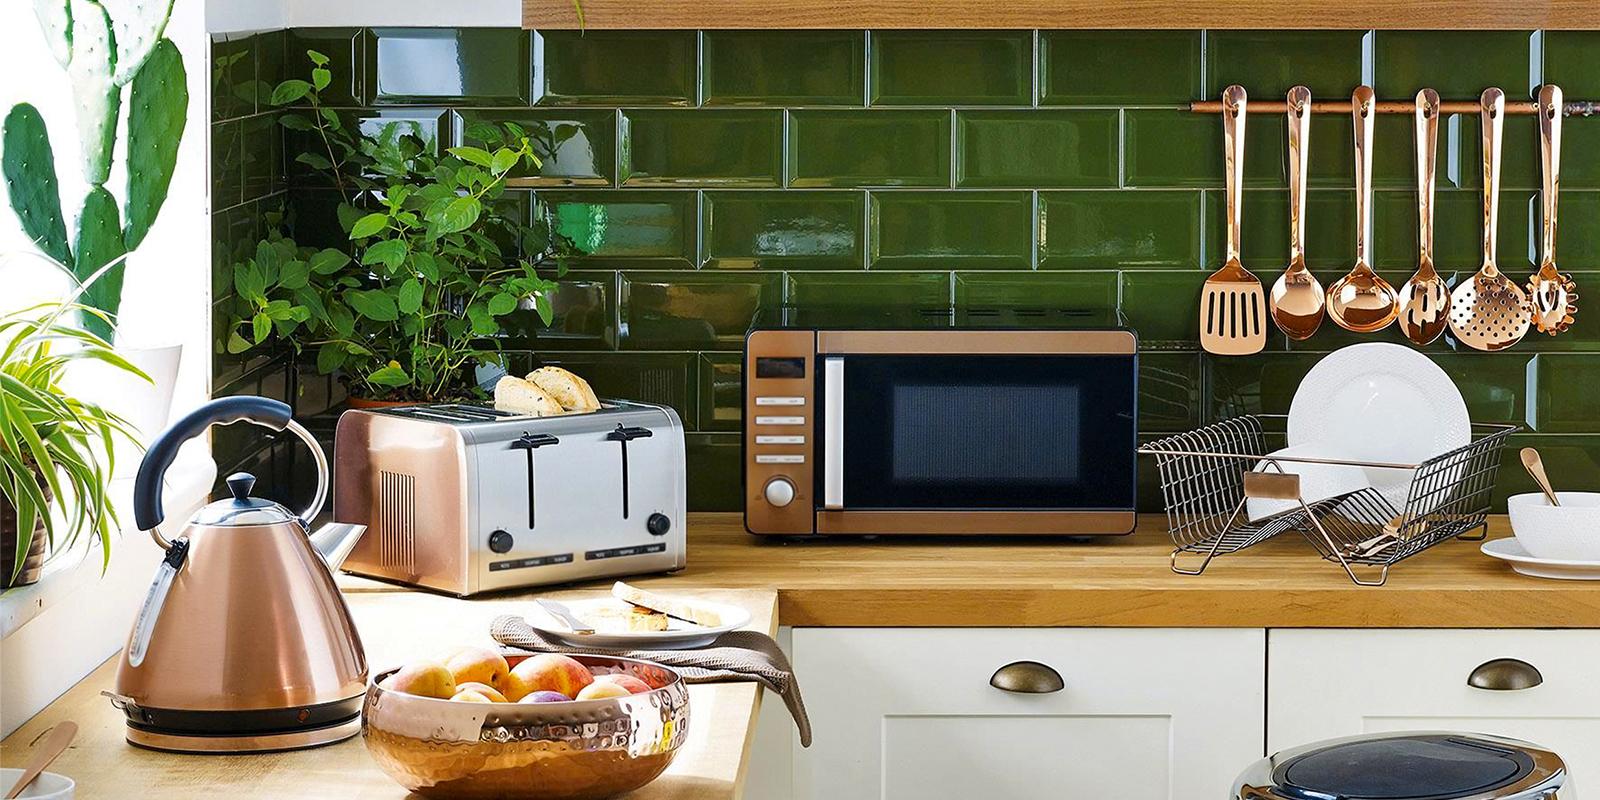 เครื่องใช้ไฟฟ้าในครัว